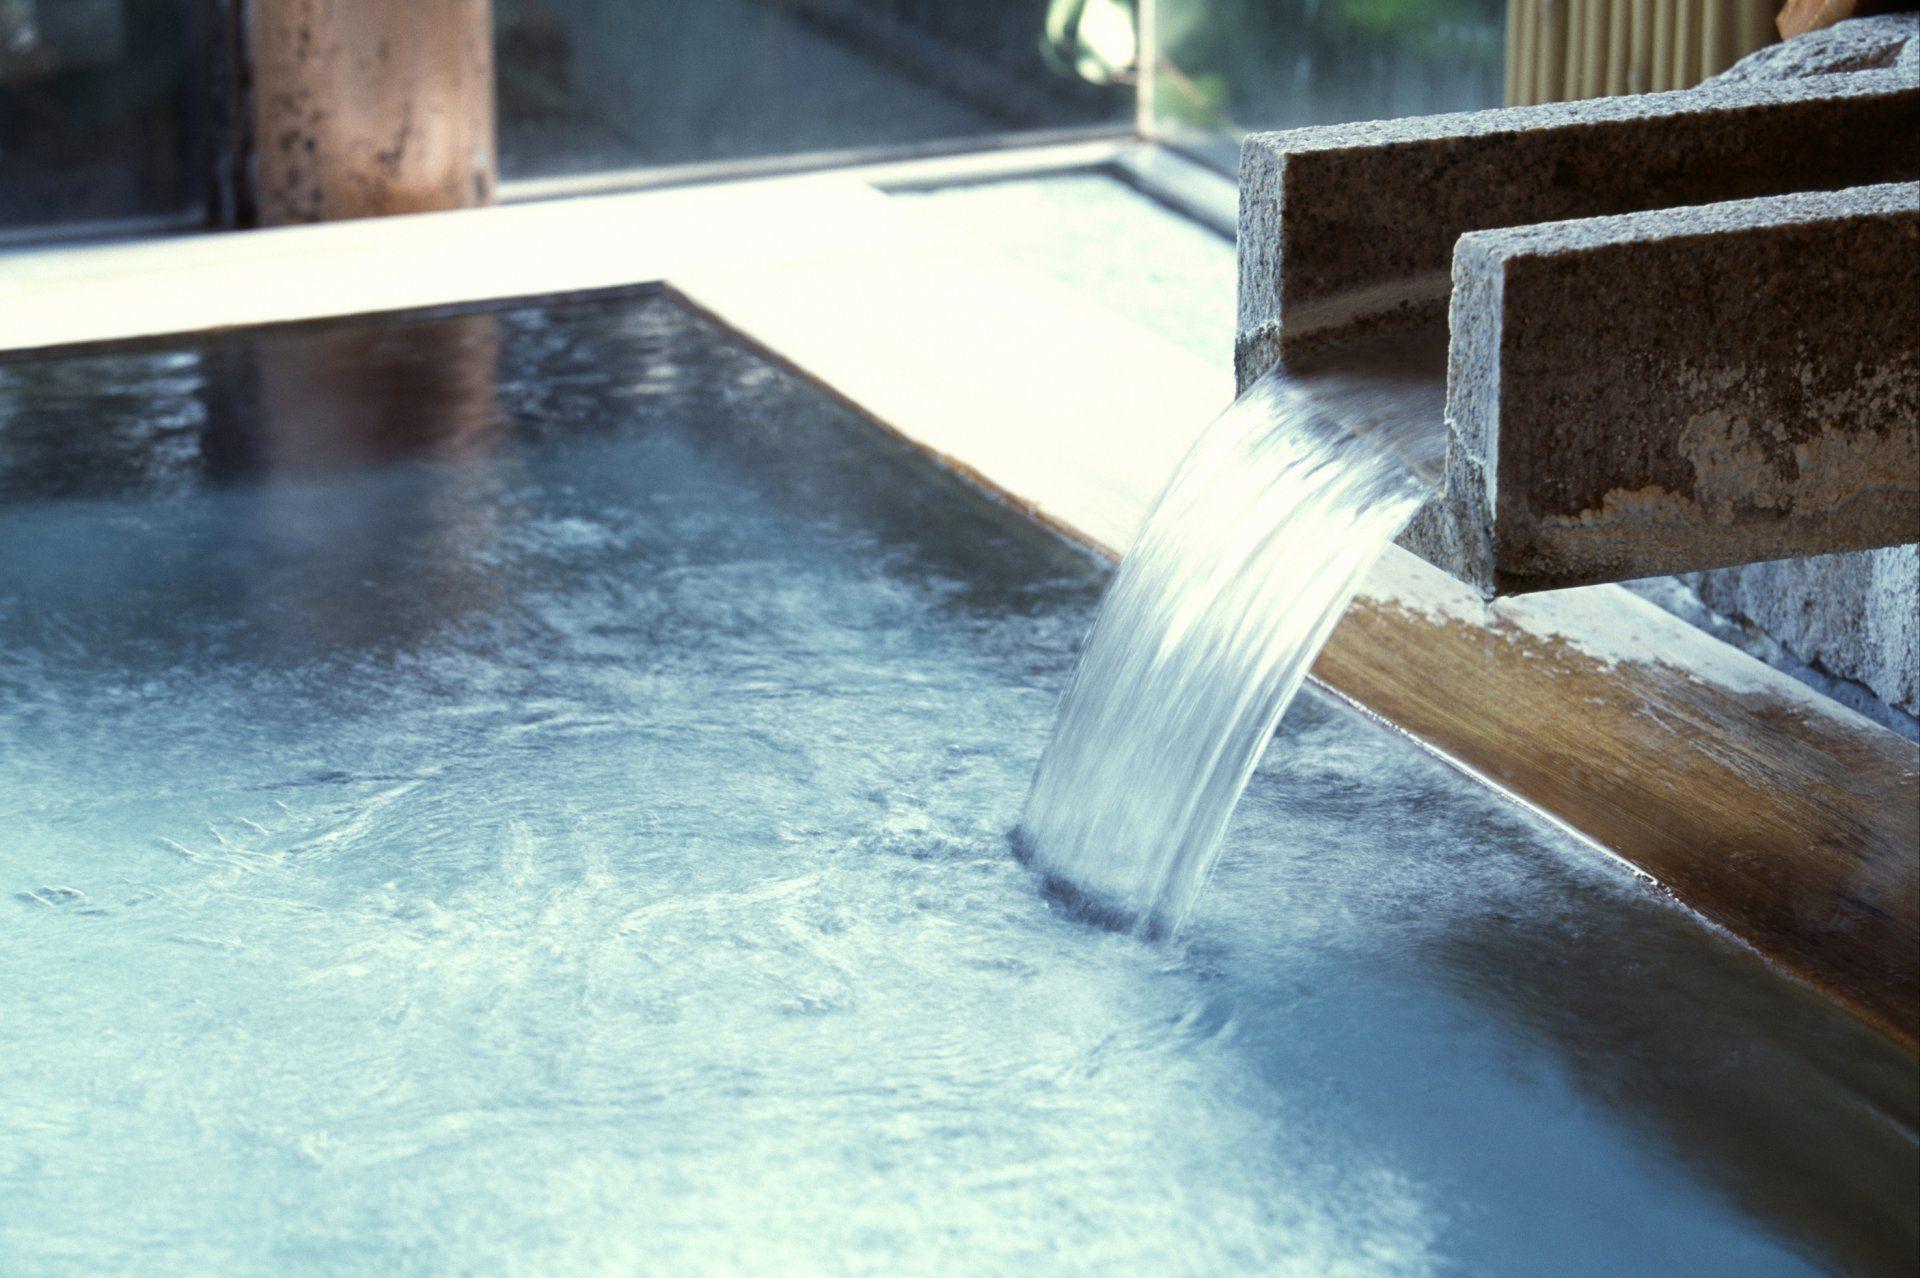 日本著名的三大秘汤之一祖谷温泉